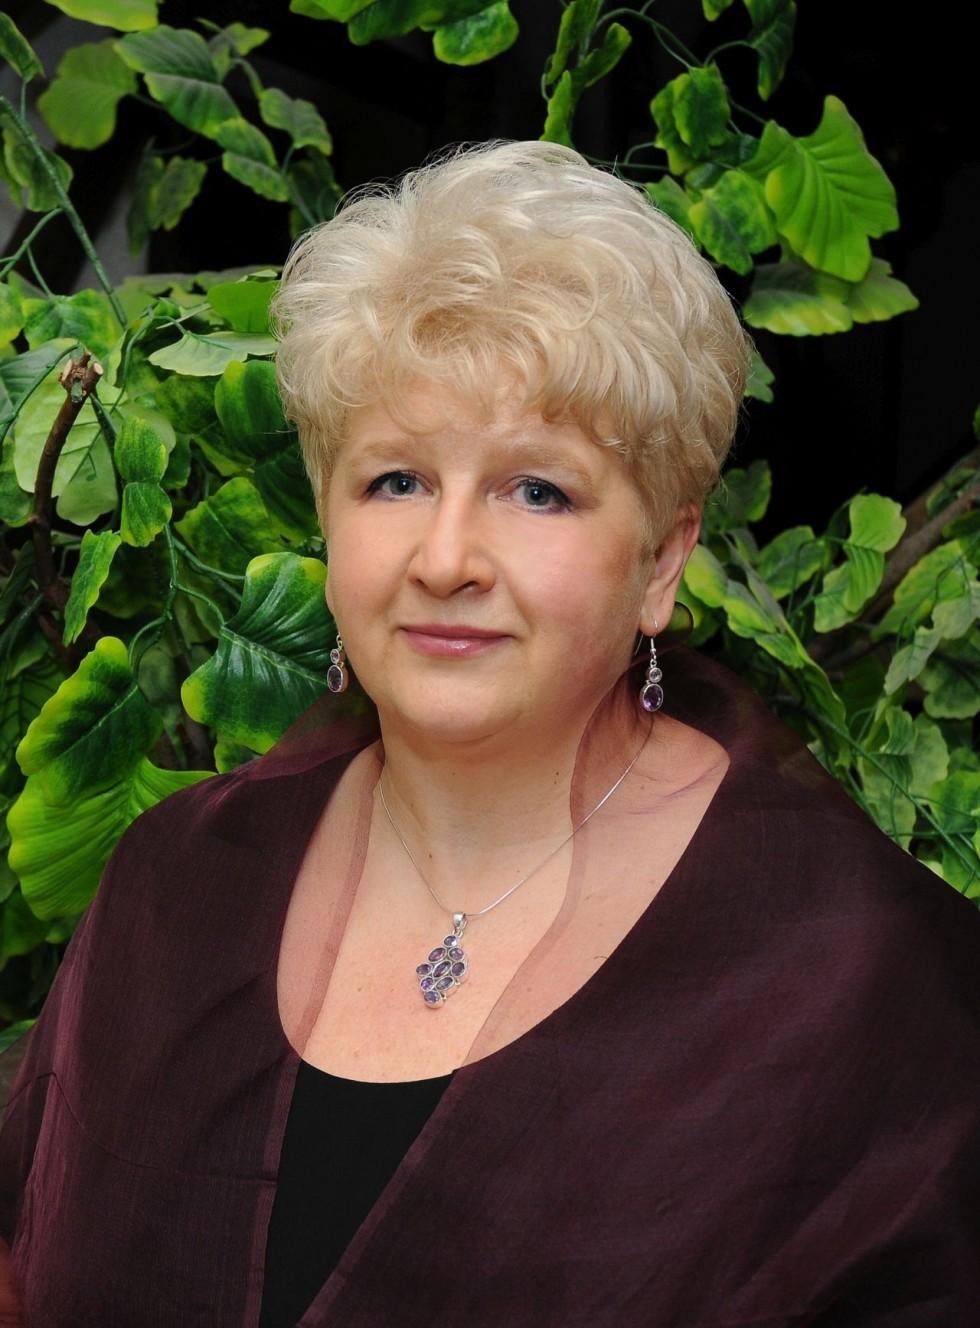 przewodnicząca Stowarzyszenia Pomocy Dzieciom Niepełnosprawnym